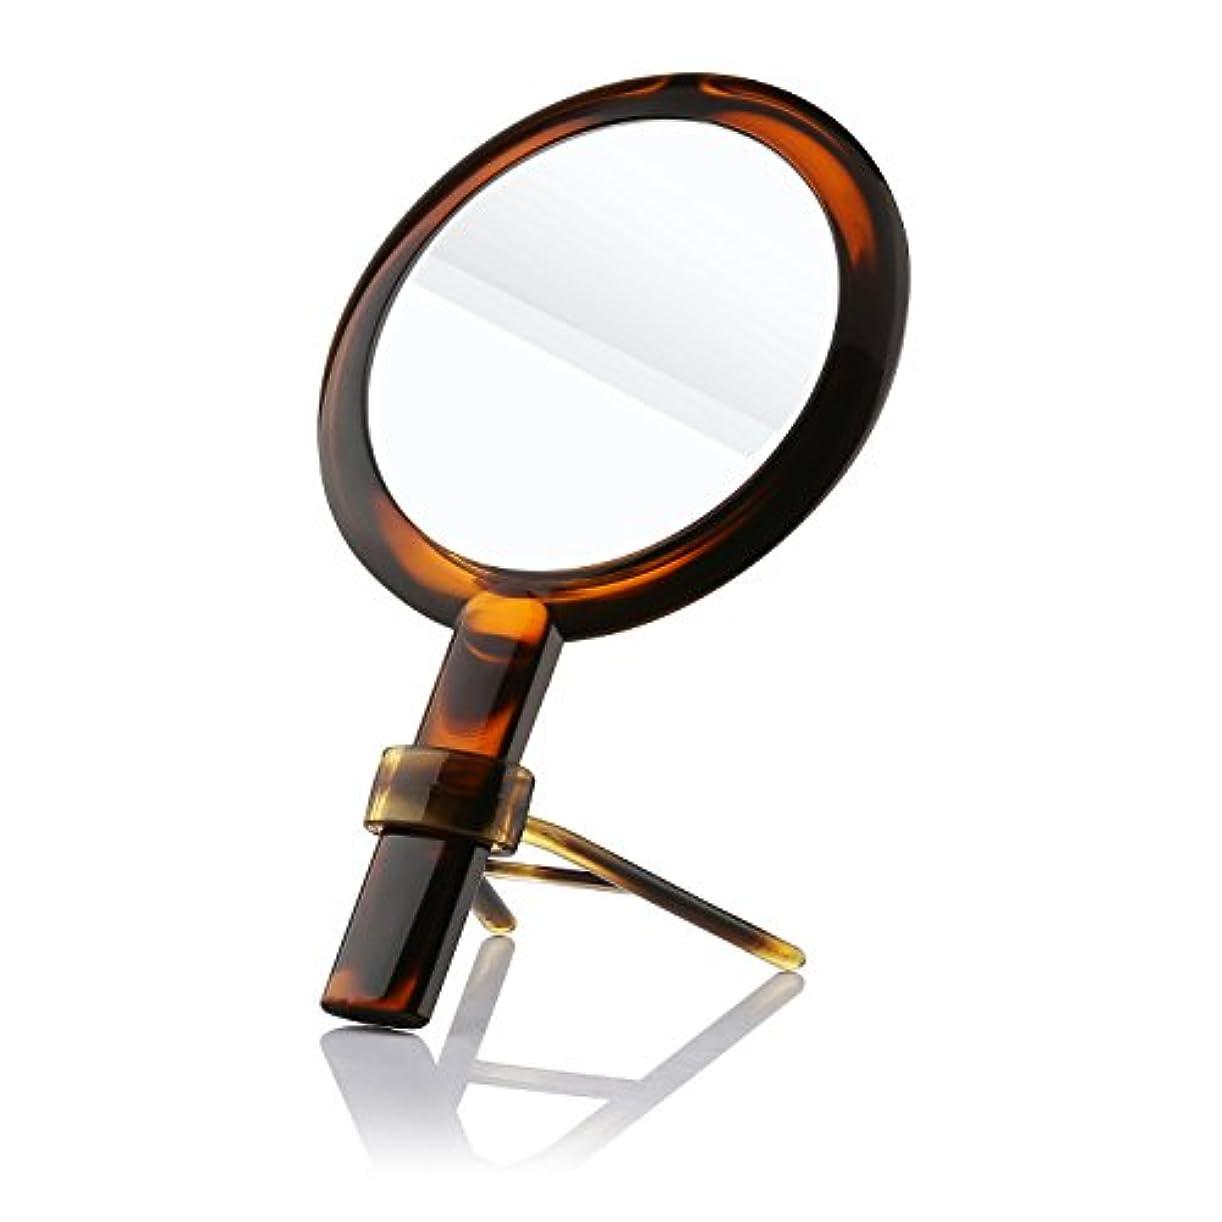 リーン事業内容チーム化粧ミラー Beautifive 化粧鏡 メイクミラー 等倍卓上両面鏡 7倍拡大スタンドミラー 手鏡 光学レズン高解像度